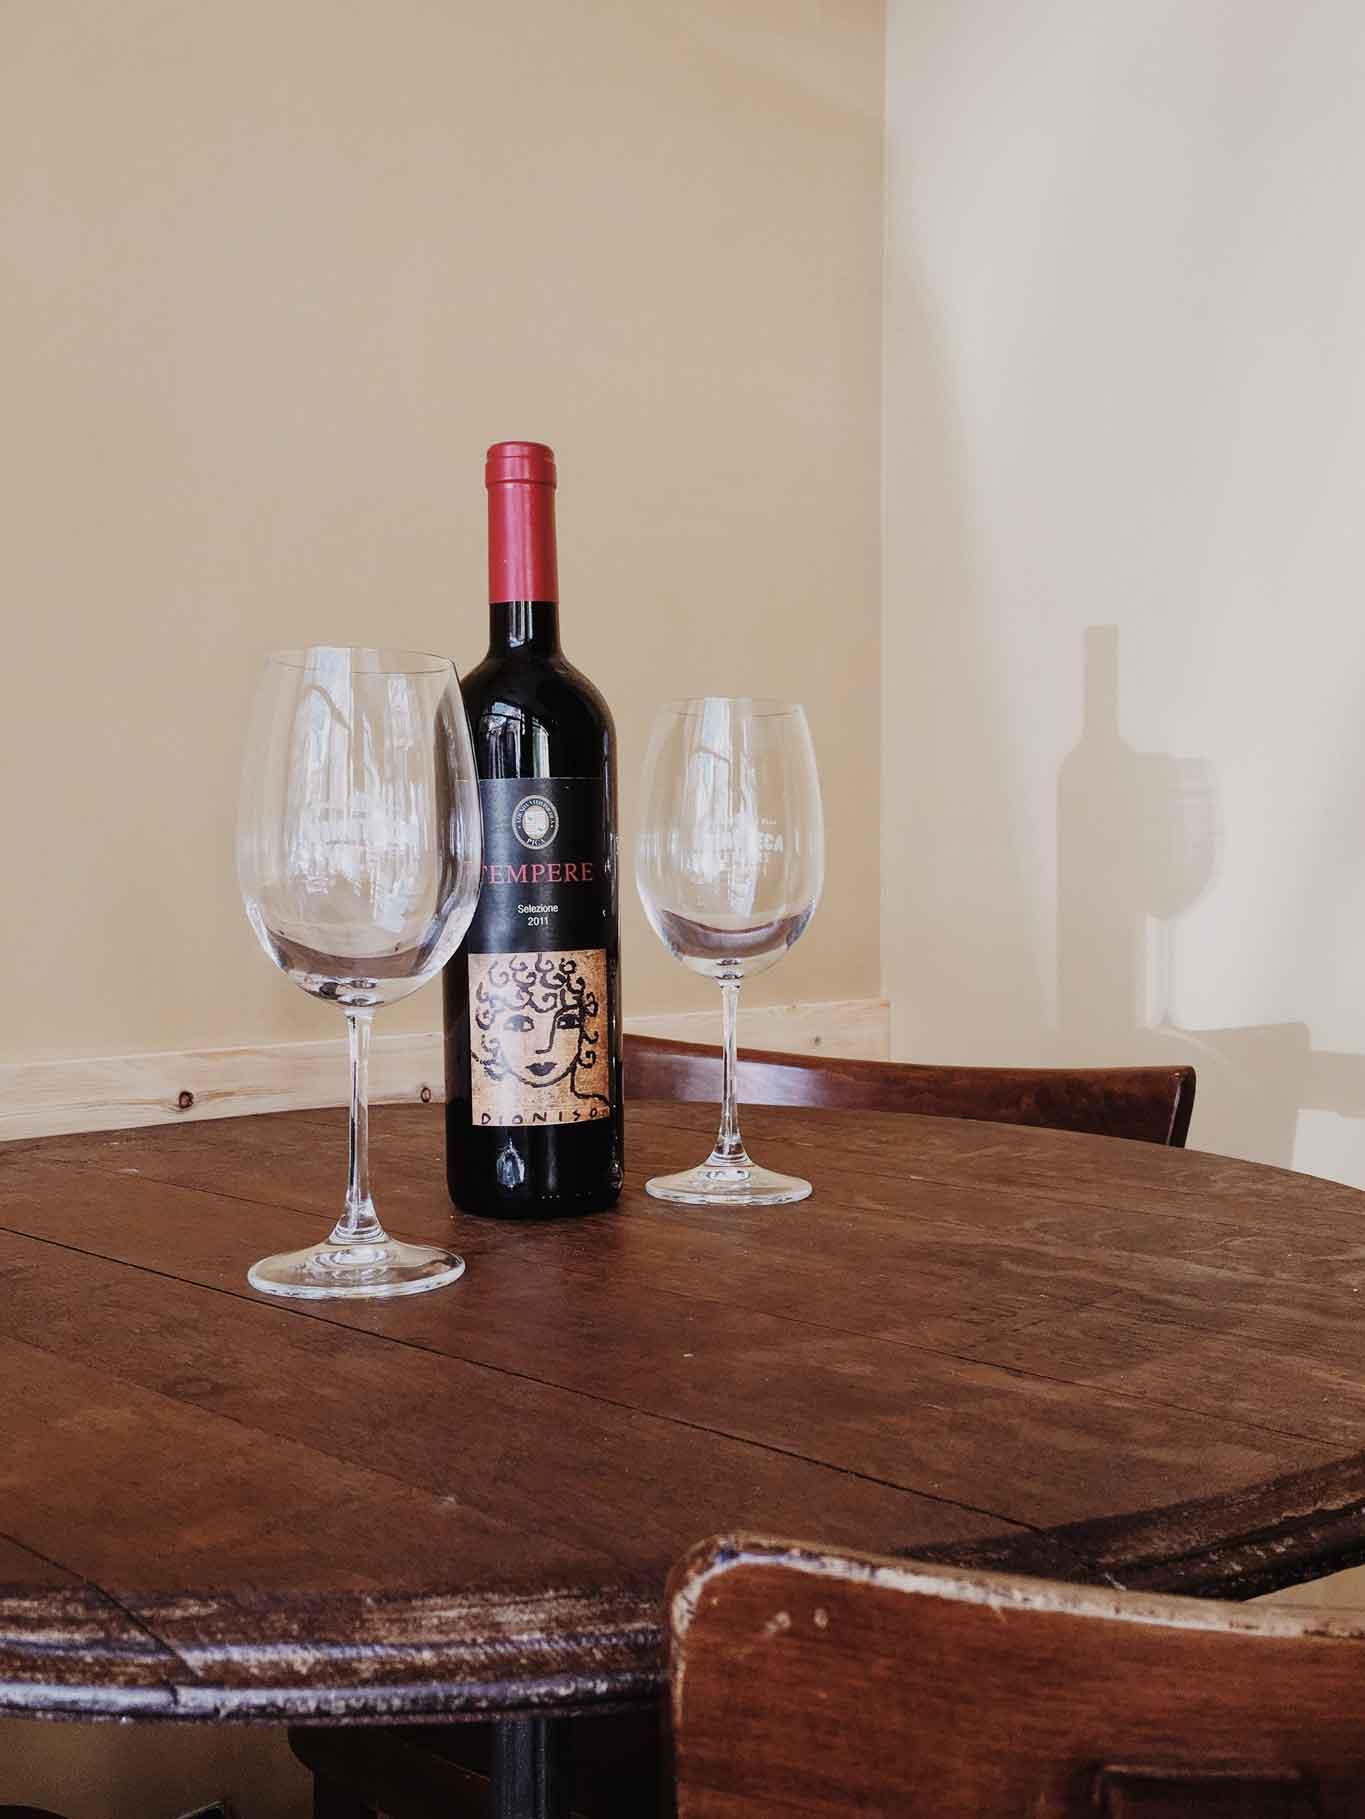 vinoteca-tempere-roma-5